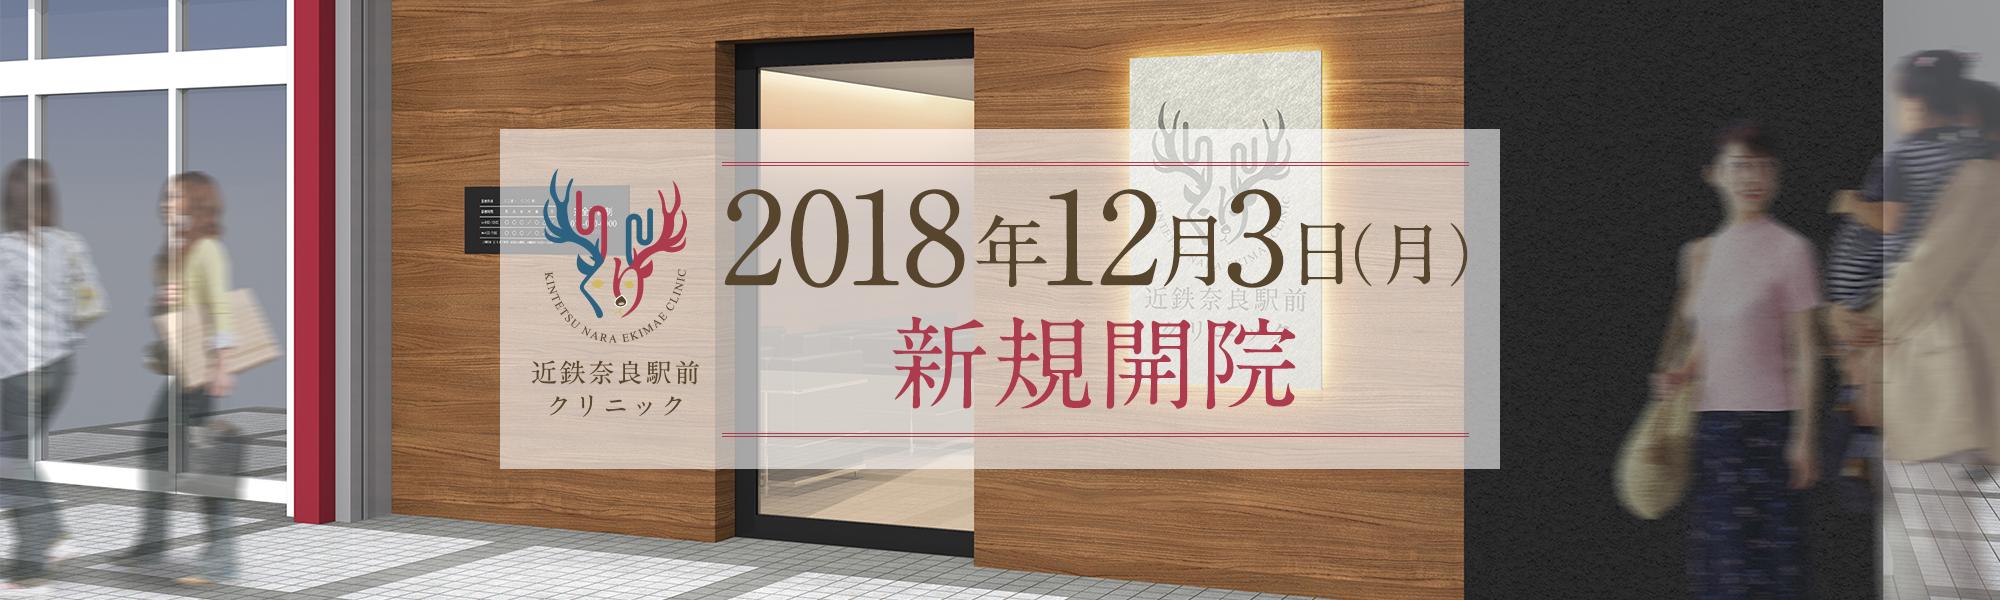 近鉄奈良駅前クリニック2018年12月1日(土)新規開院